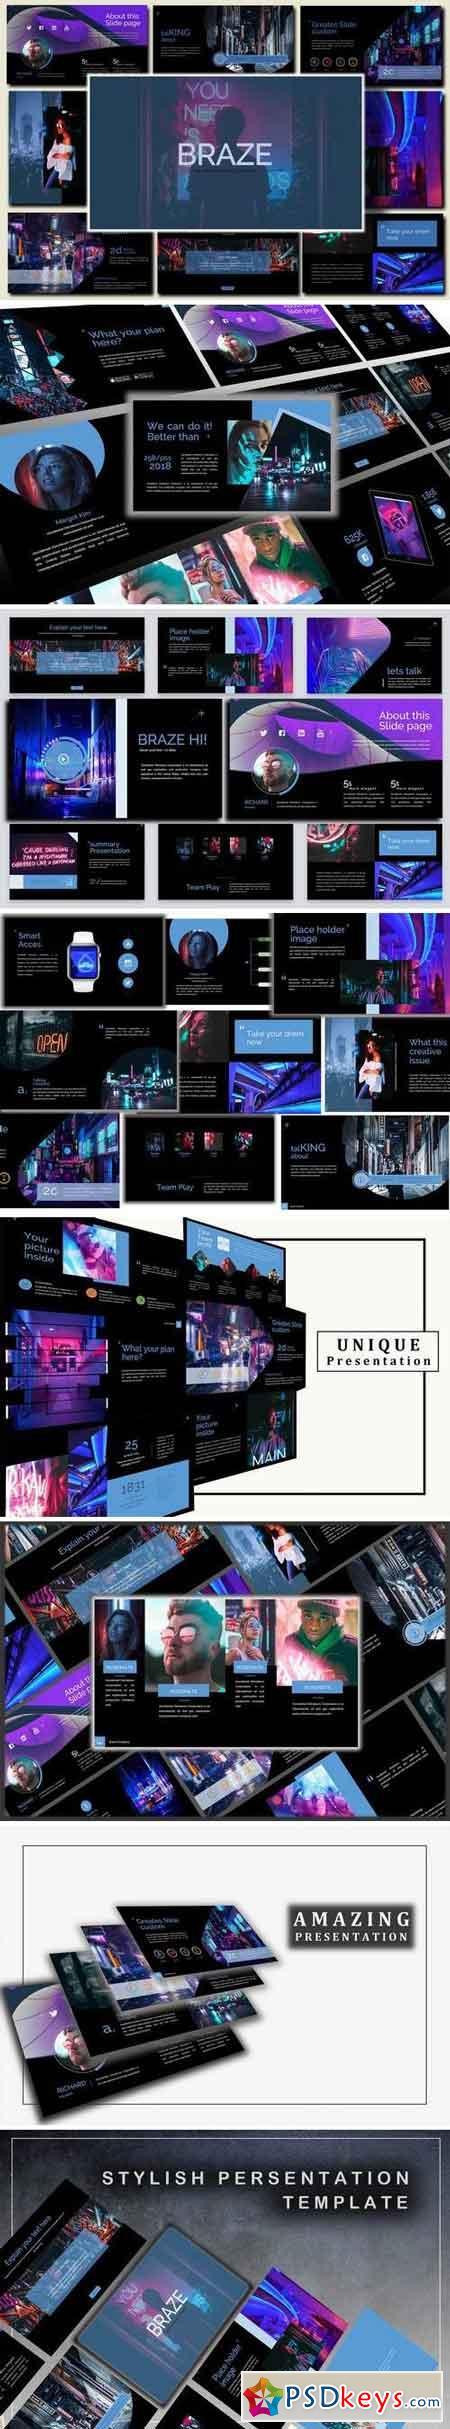 Braze Dark Innovative Powerpoint and Keynote Template